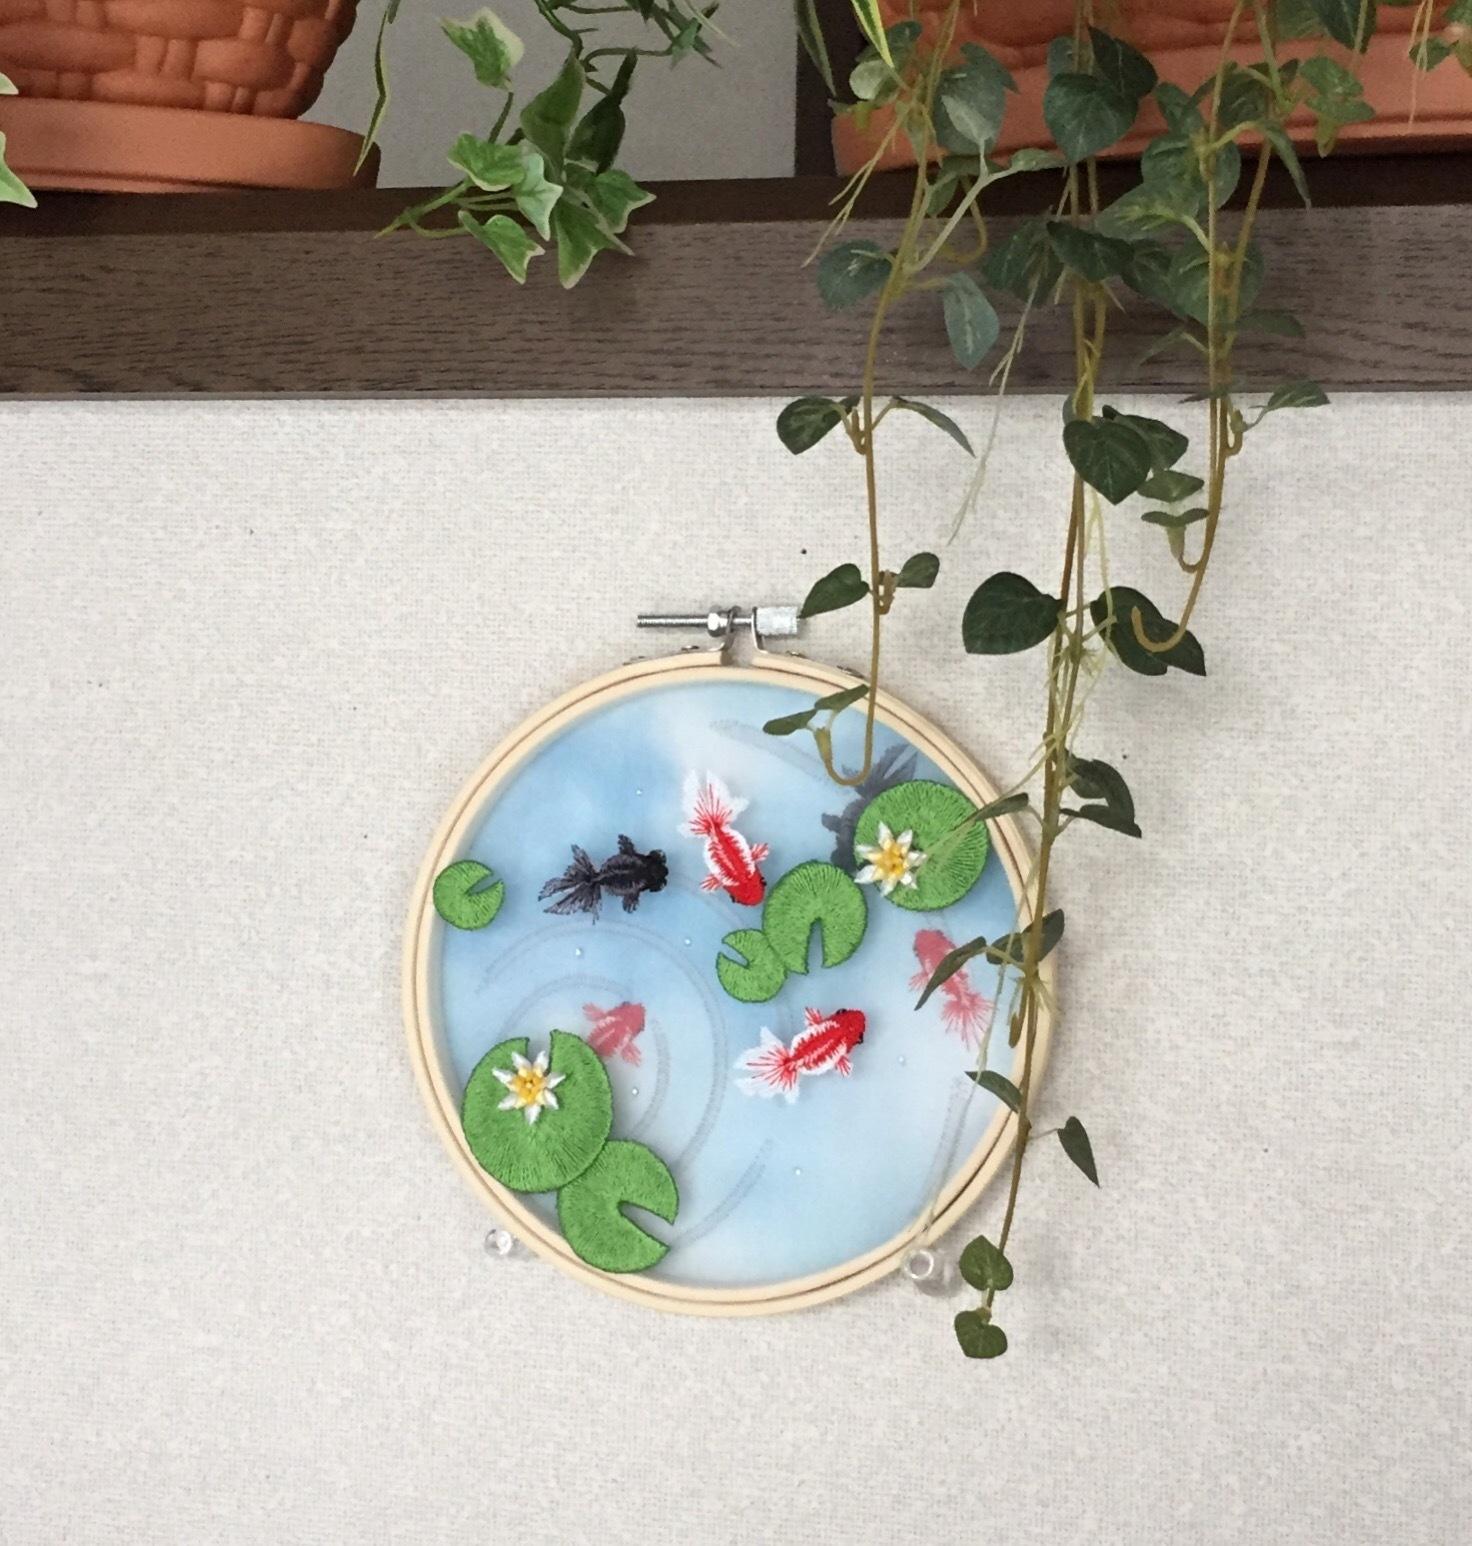 金魚池の刺繍枠飾りϵ( \'Θ\' )϶_e0385587_23360137.jpeg